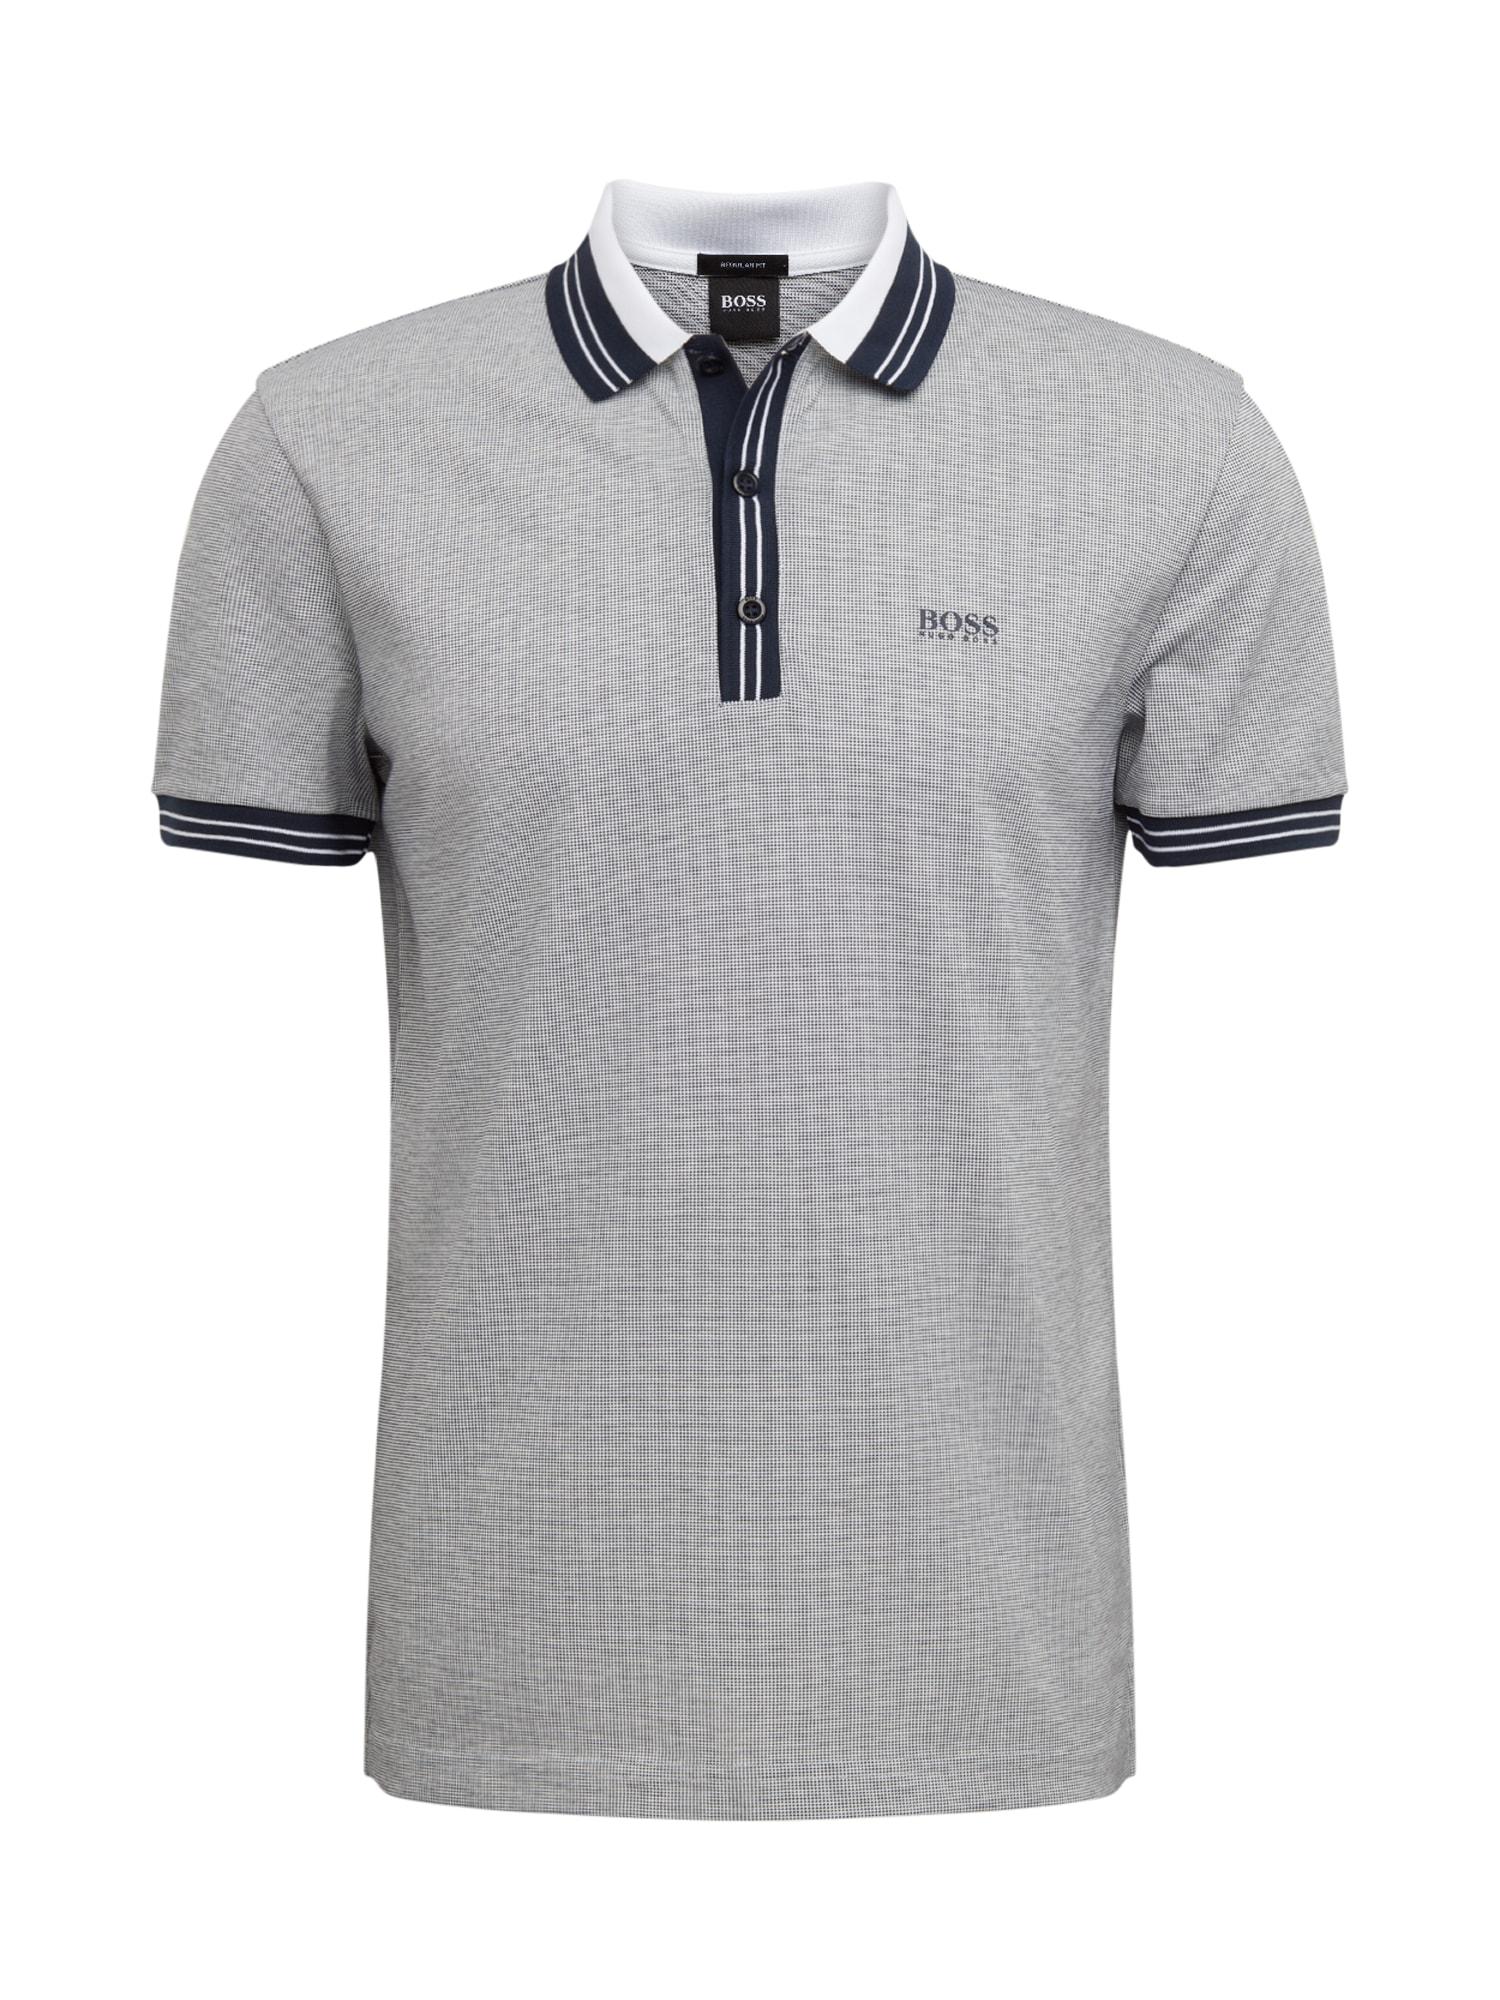 BOSS ATHLEISURE Marškinėliai 'Paddy 2' pilka / tamsiai mėlyna